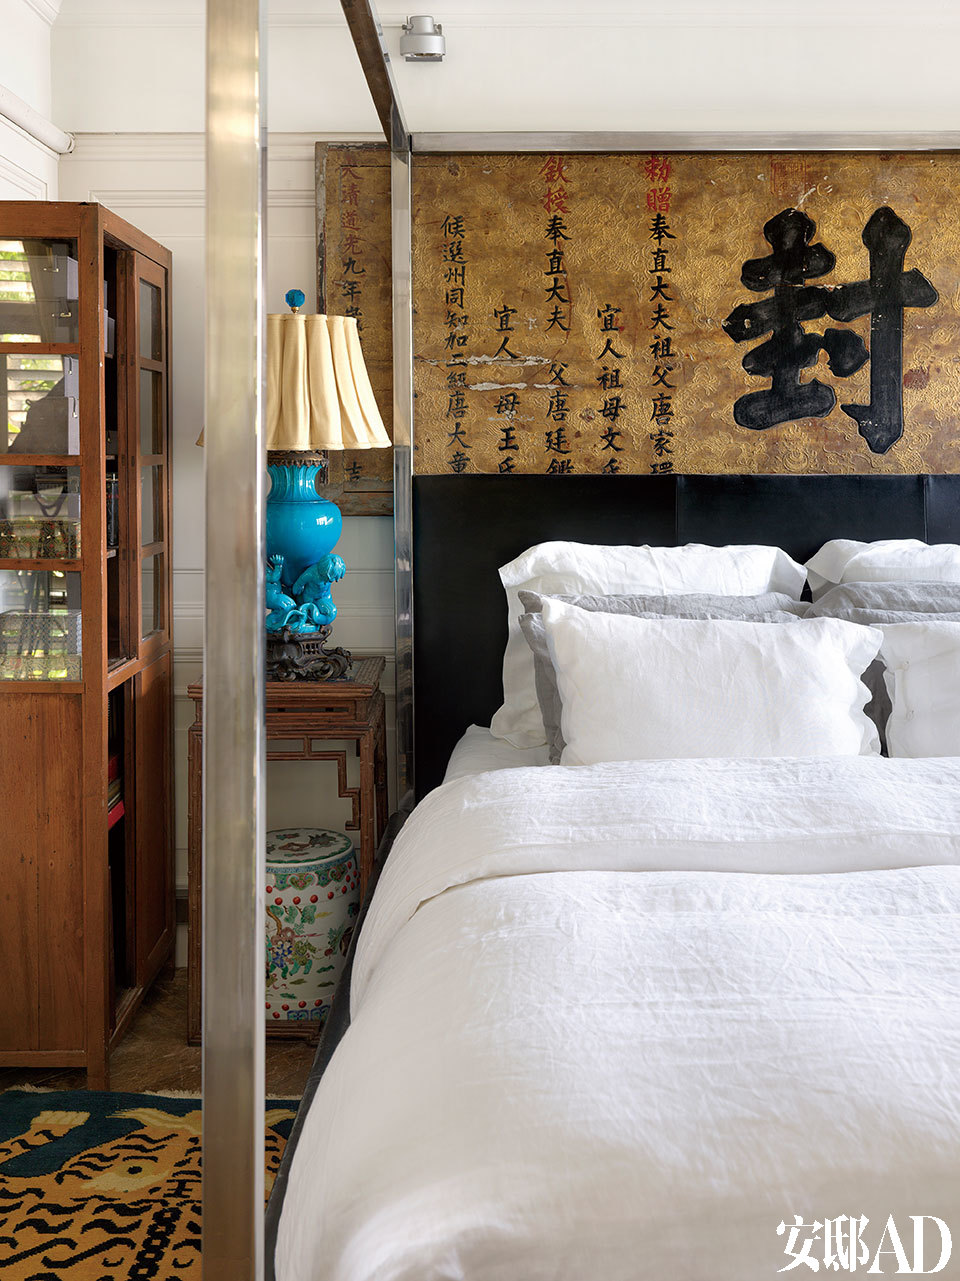 床头后面的匾额原是叶裕清为客人所买;卧室墙上的画为父亲从小搜集的艺术品,此房子的阁楼有个空间塞了100张画,皆为父亲的收藏品。在东方韵味的匾额前,一张美式简约风格的四柱床,融合了东西方视觉文化,赋予空间现代之感。